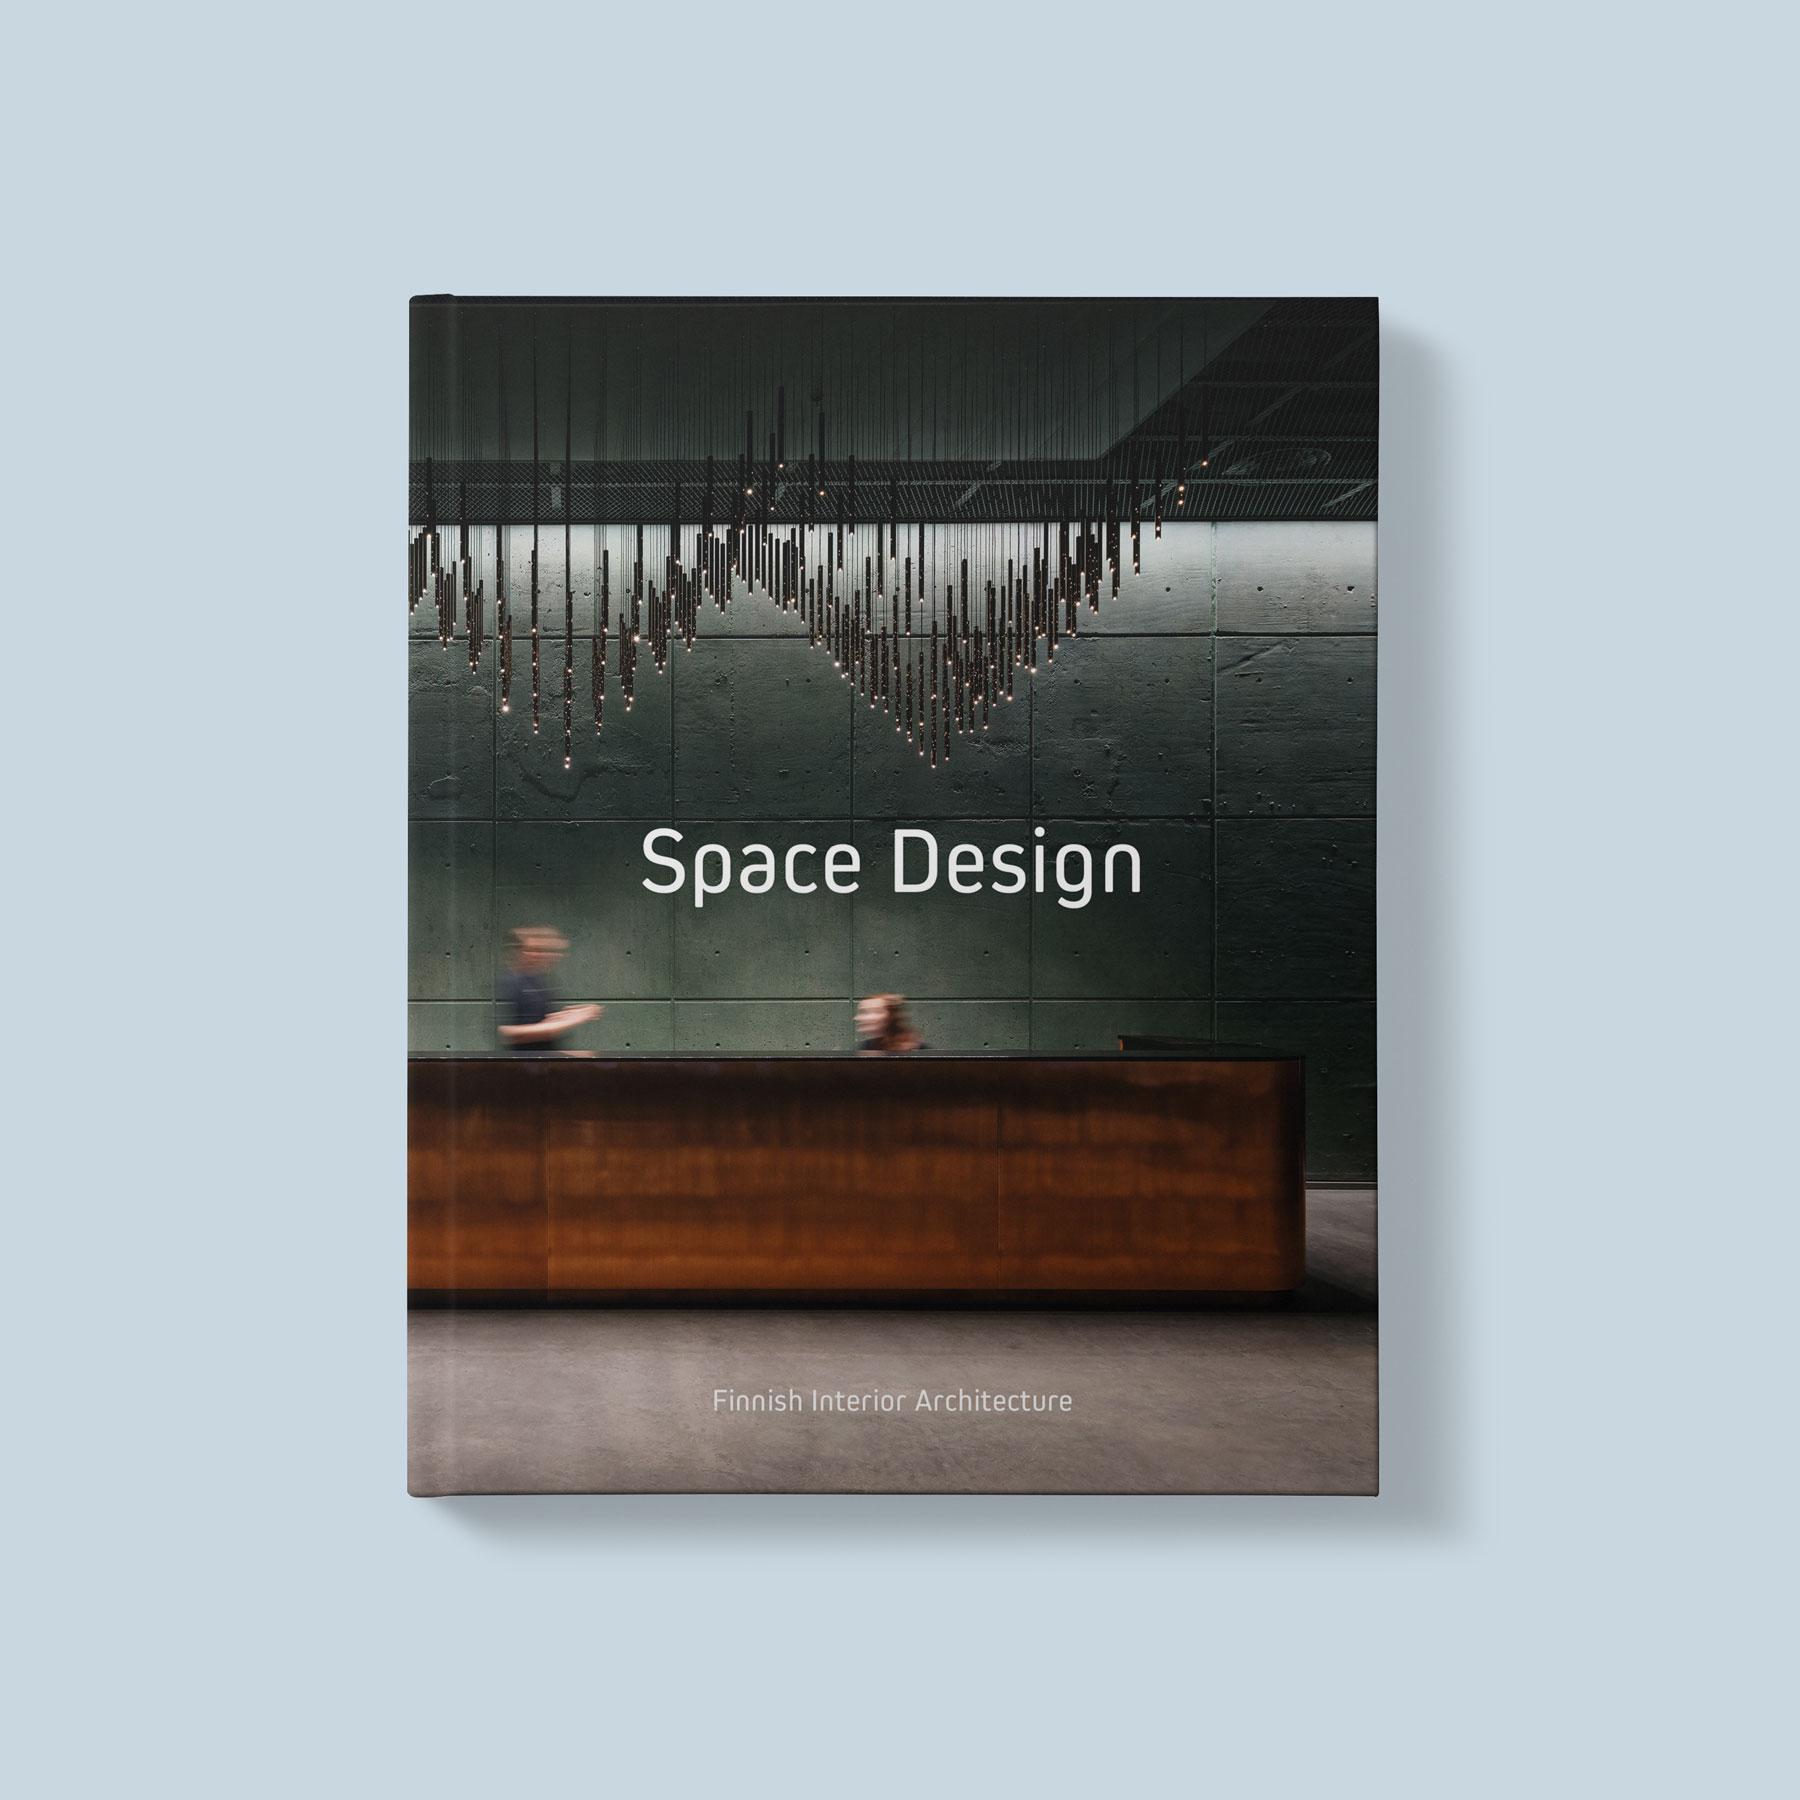 spacedesign_square_blue